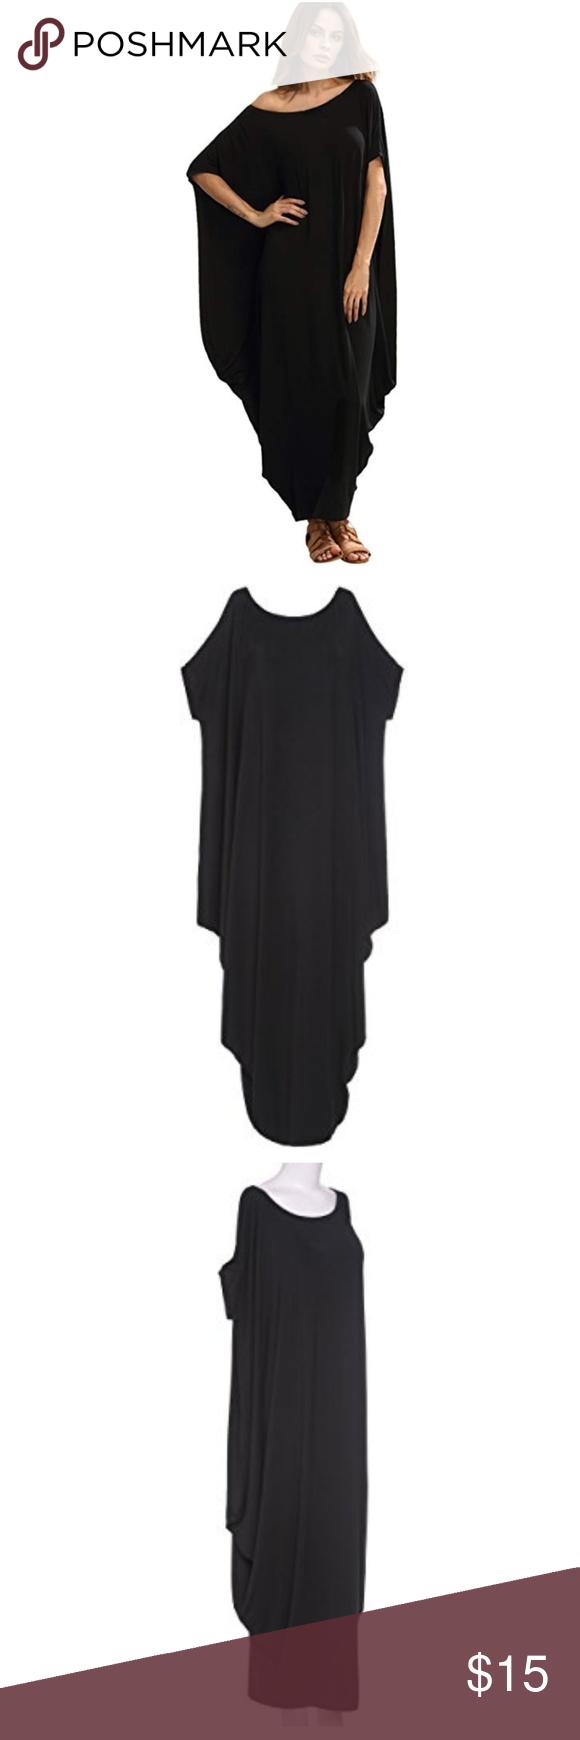 9249ef5f49c Women s Boho One Off Shoulder Caftan Sleeve Harem Women s Boho One Off  Shoulder Caftan Sleeve Harem Maxi Dress Sz Xl Dresses Maxi